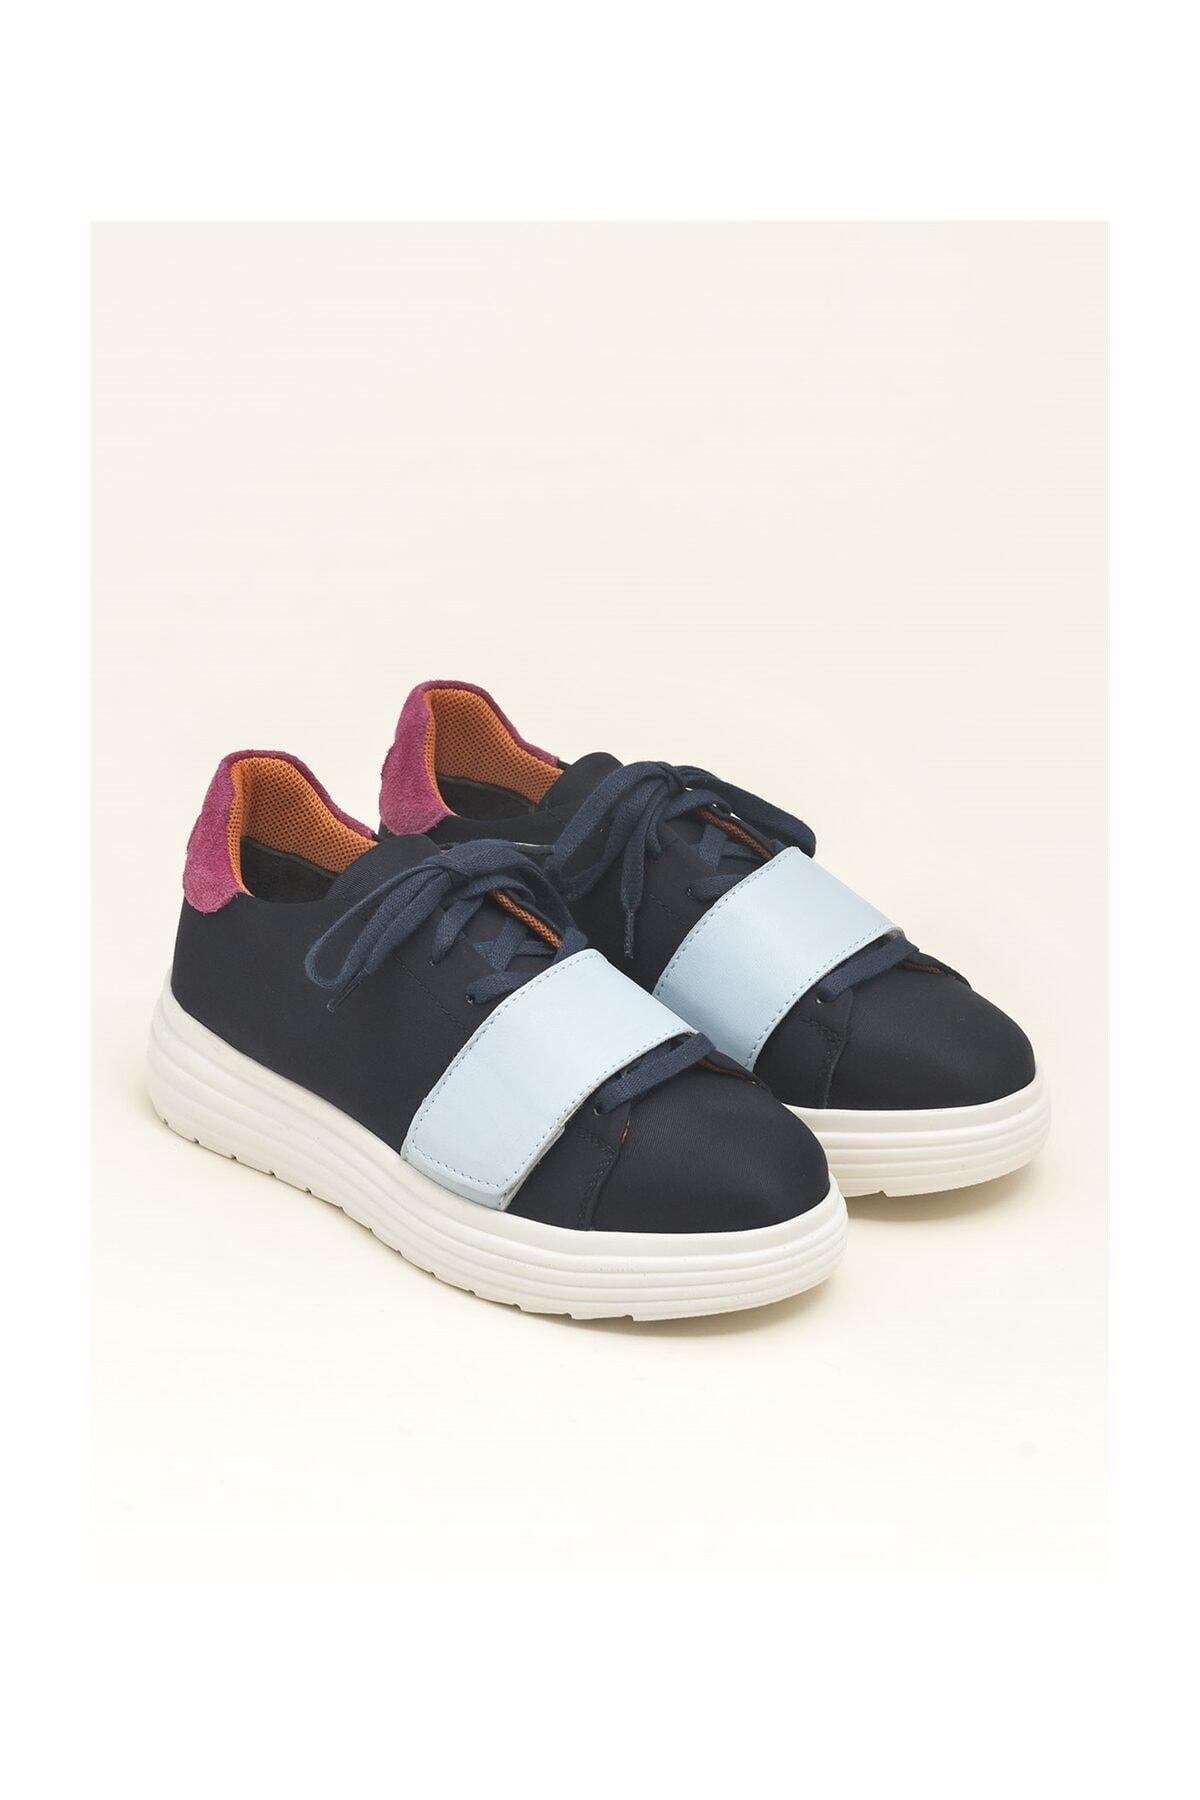 Elle Shoes Multi Lacivert Kadın Spor Ayakkabı LORETEE 2